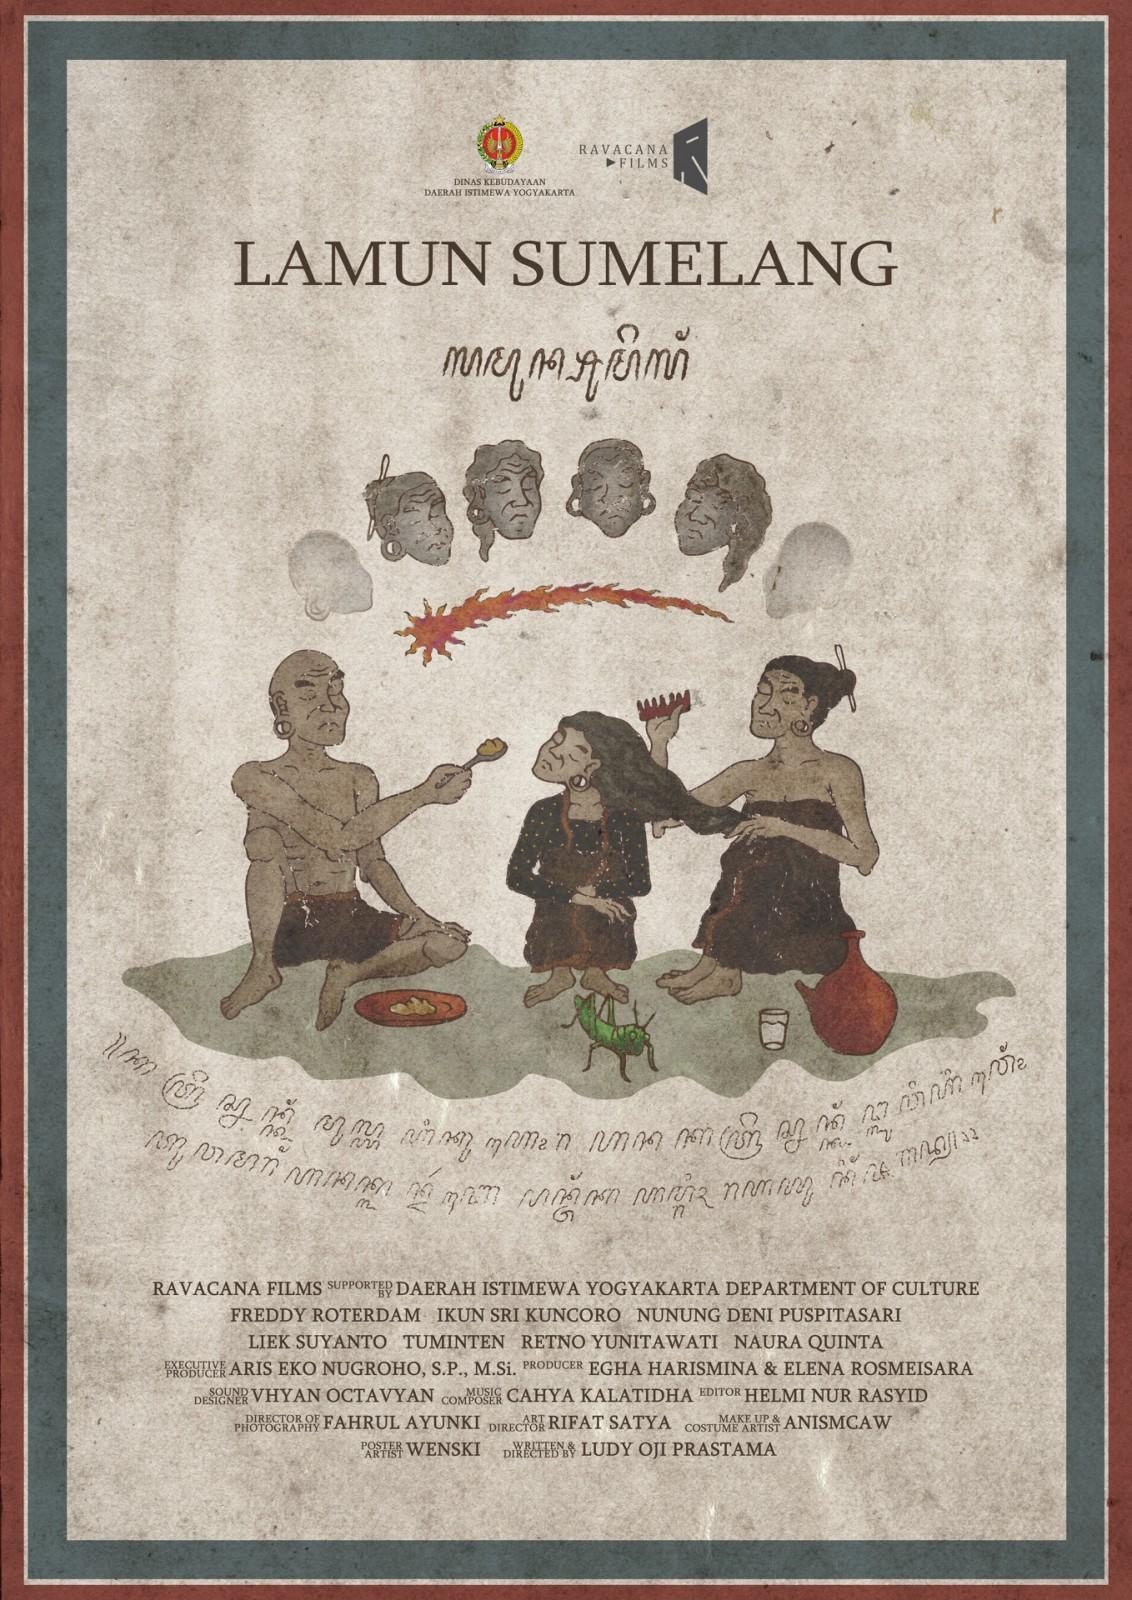 LAMUN-SUMELANG-OFFICIAL-POSTER